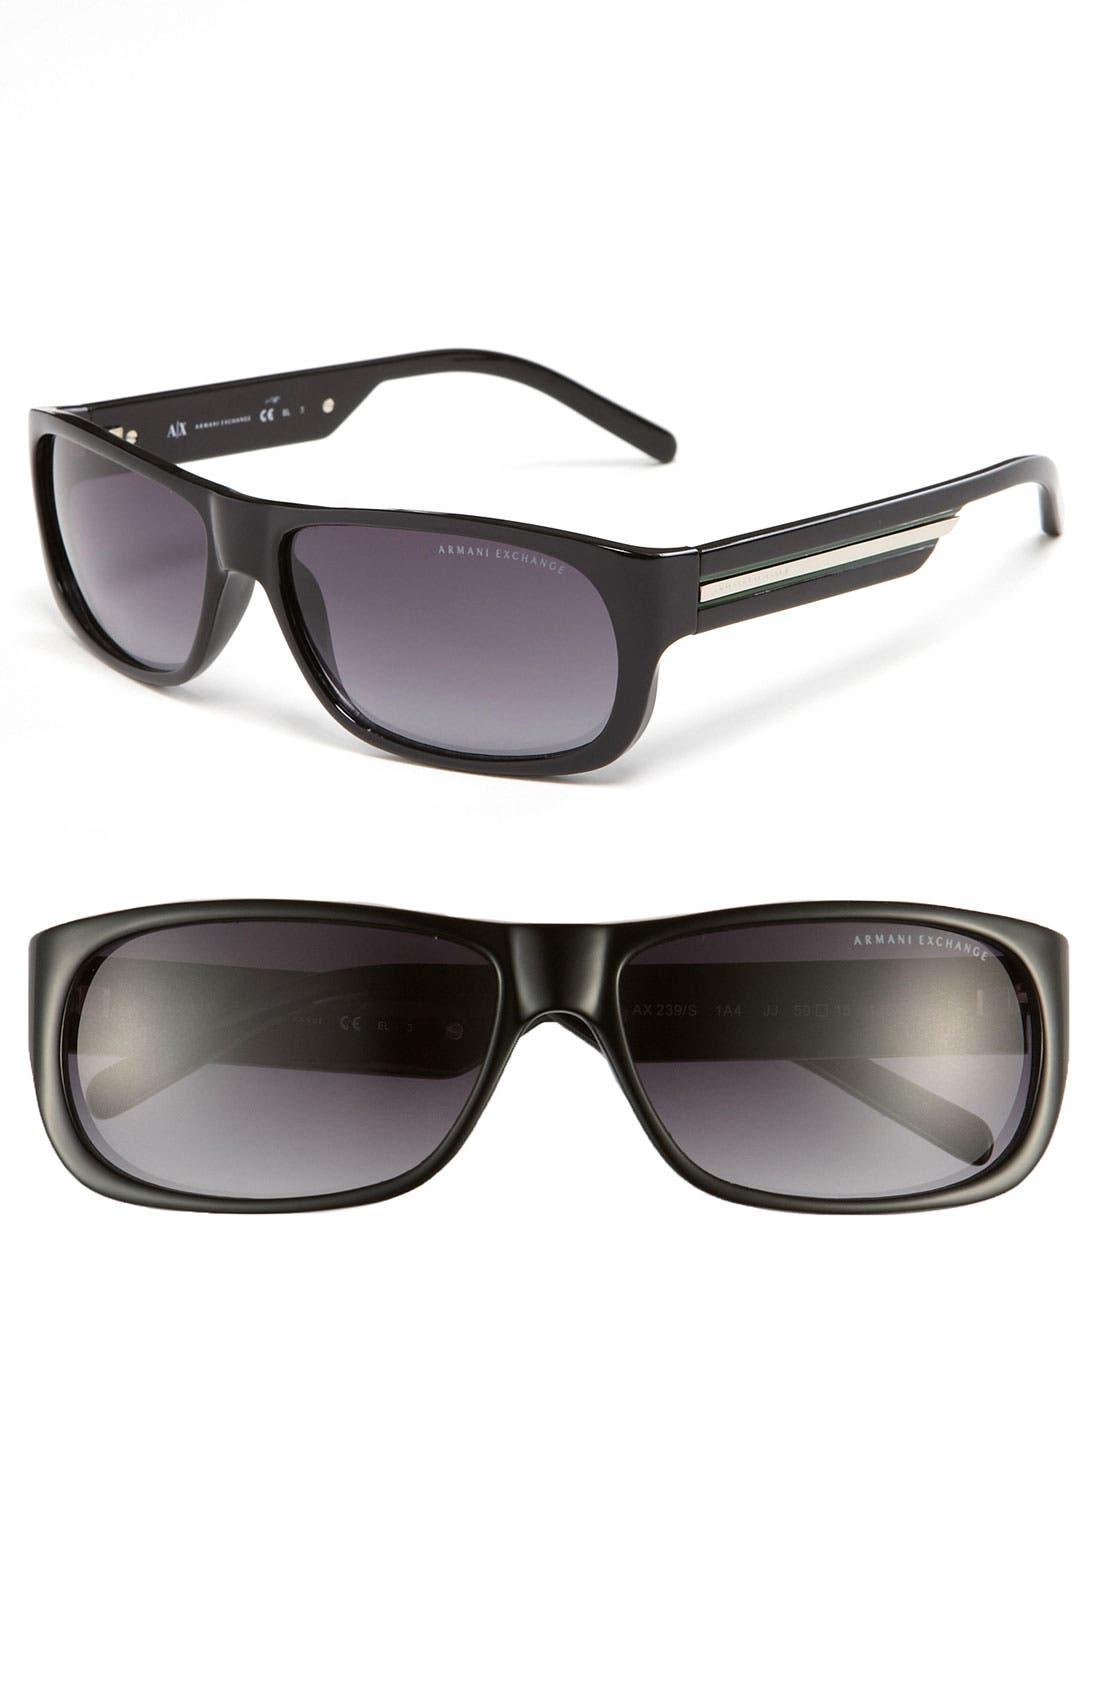 Main Image - AX Armani Exchange Sunglasses